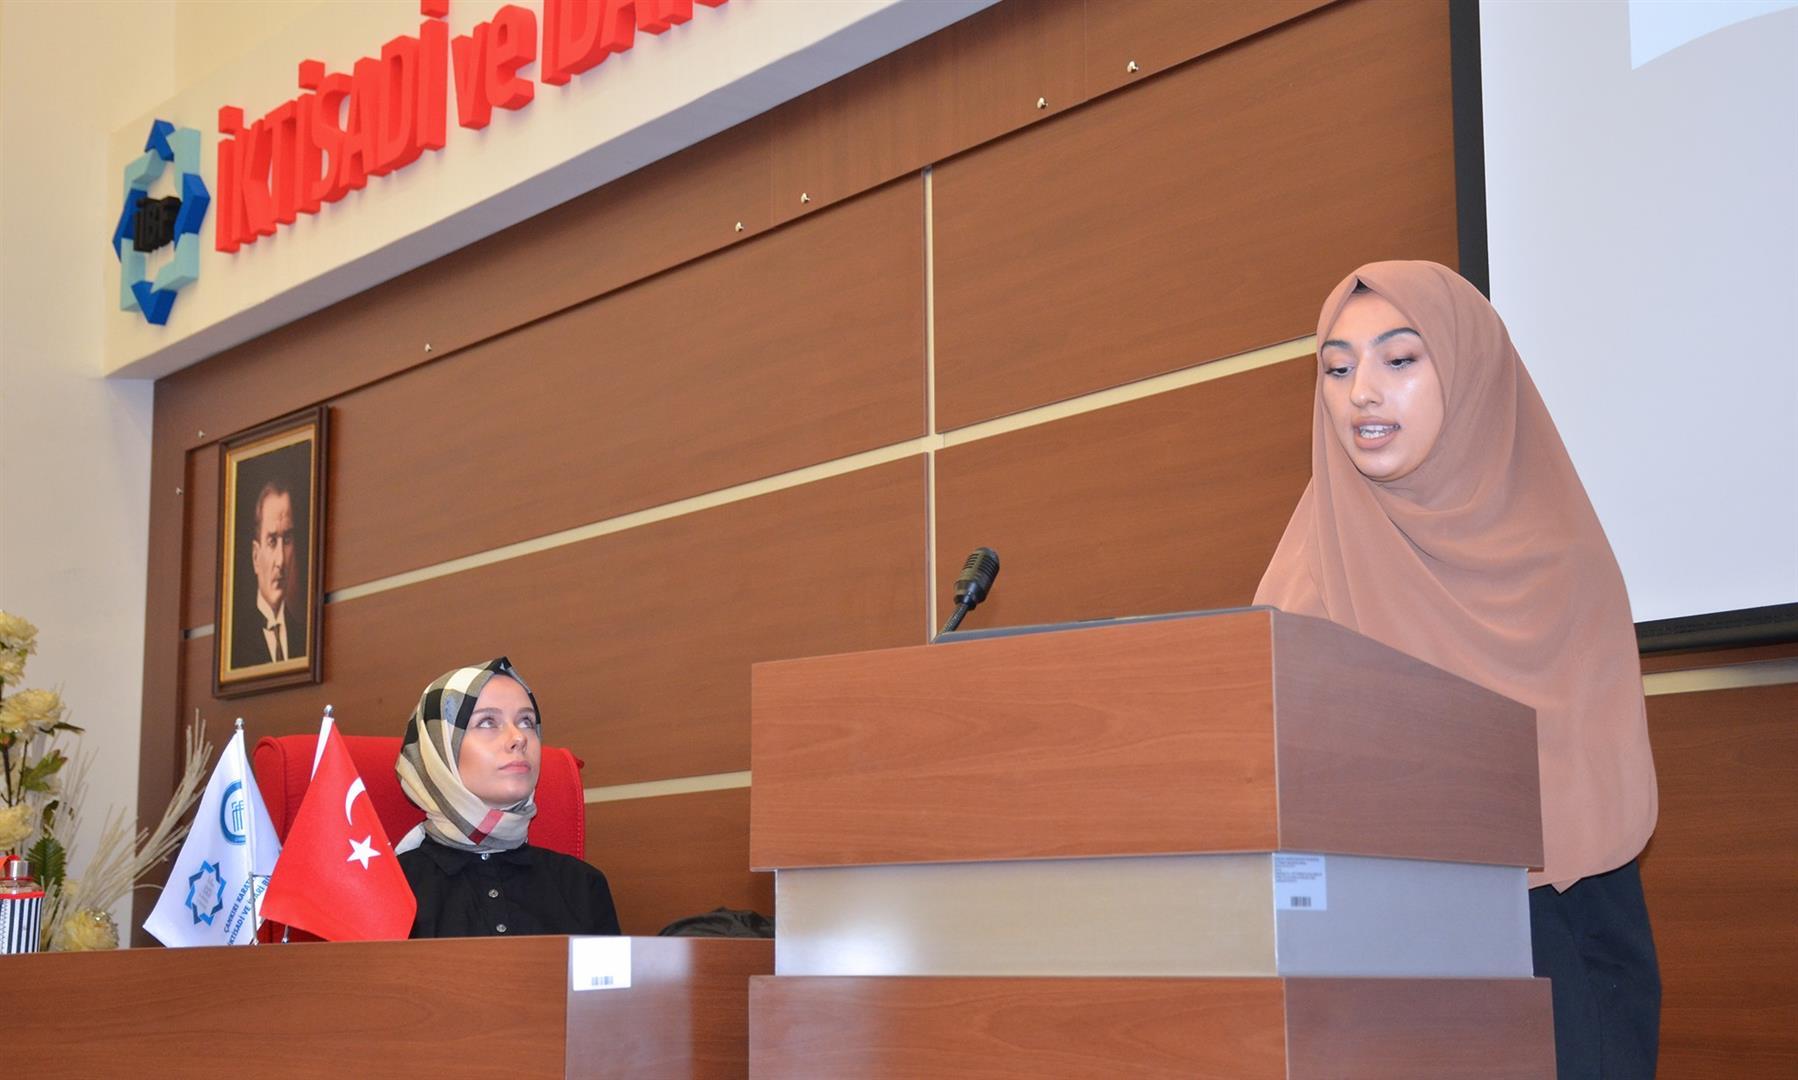 Üniversite Öğrencilerinin Gözünden Kadın ve Şiddet Konferansı Gerçekleştirildi Resim